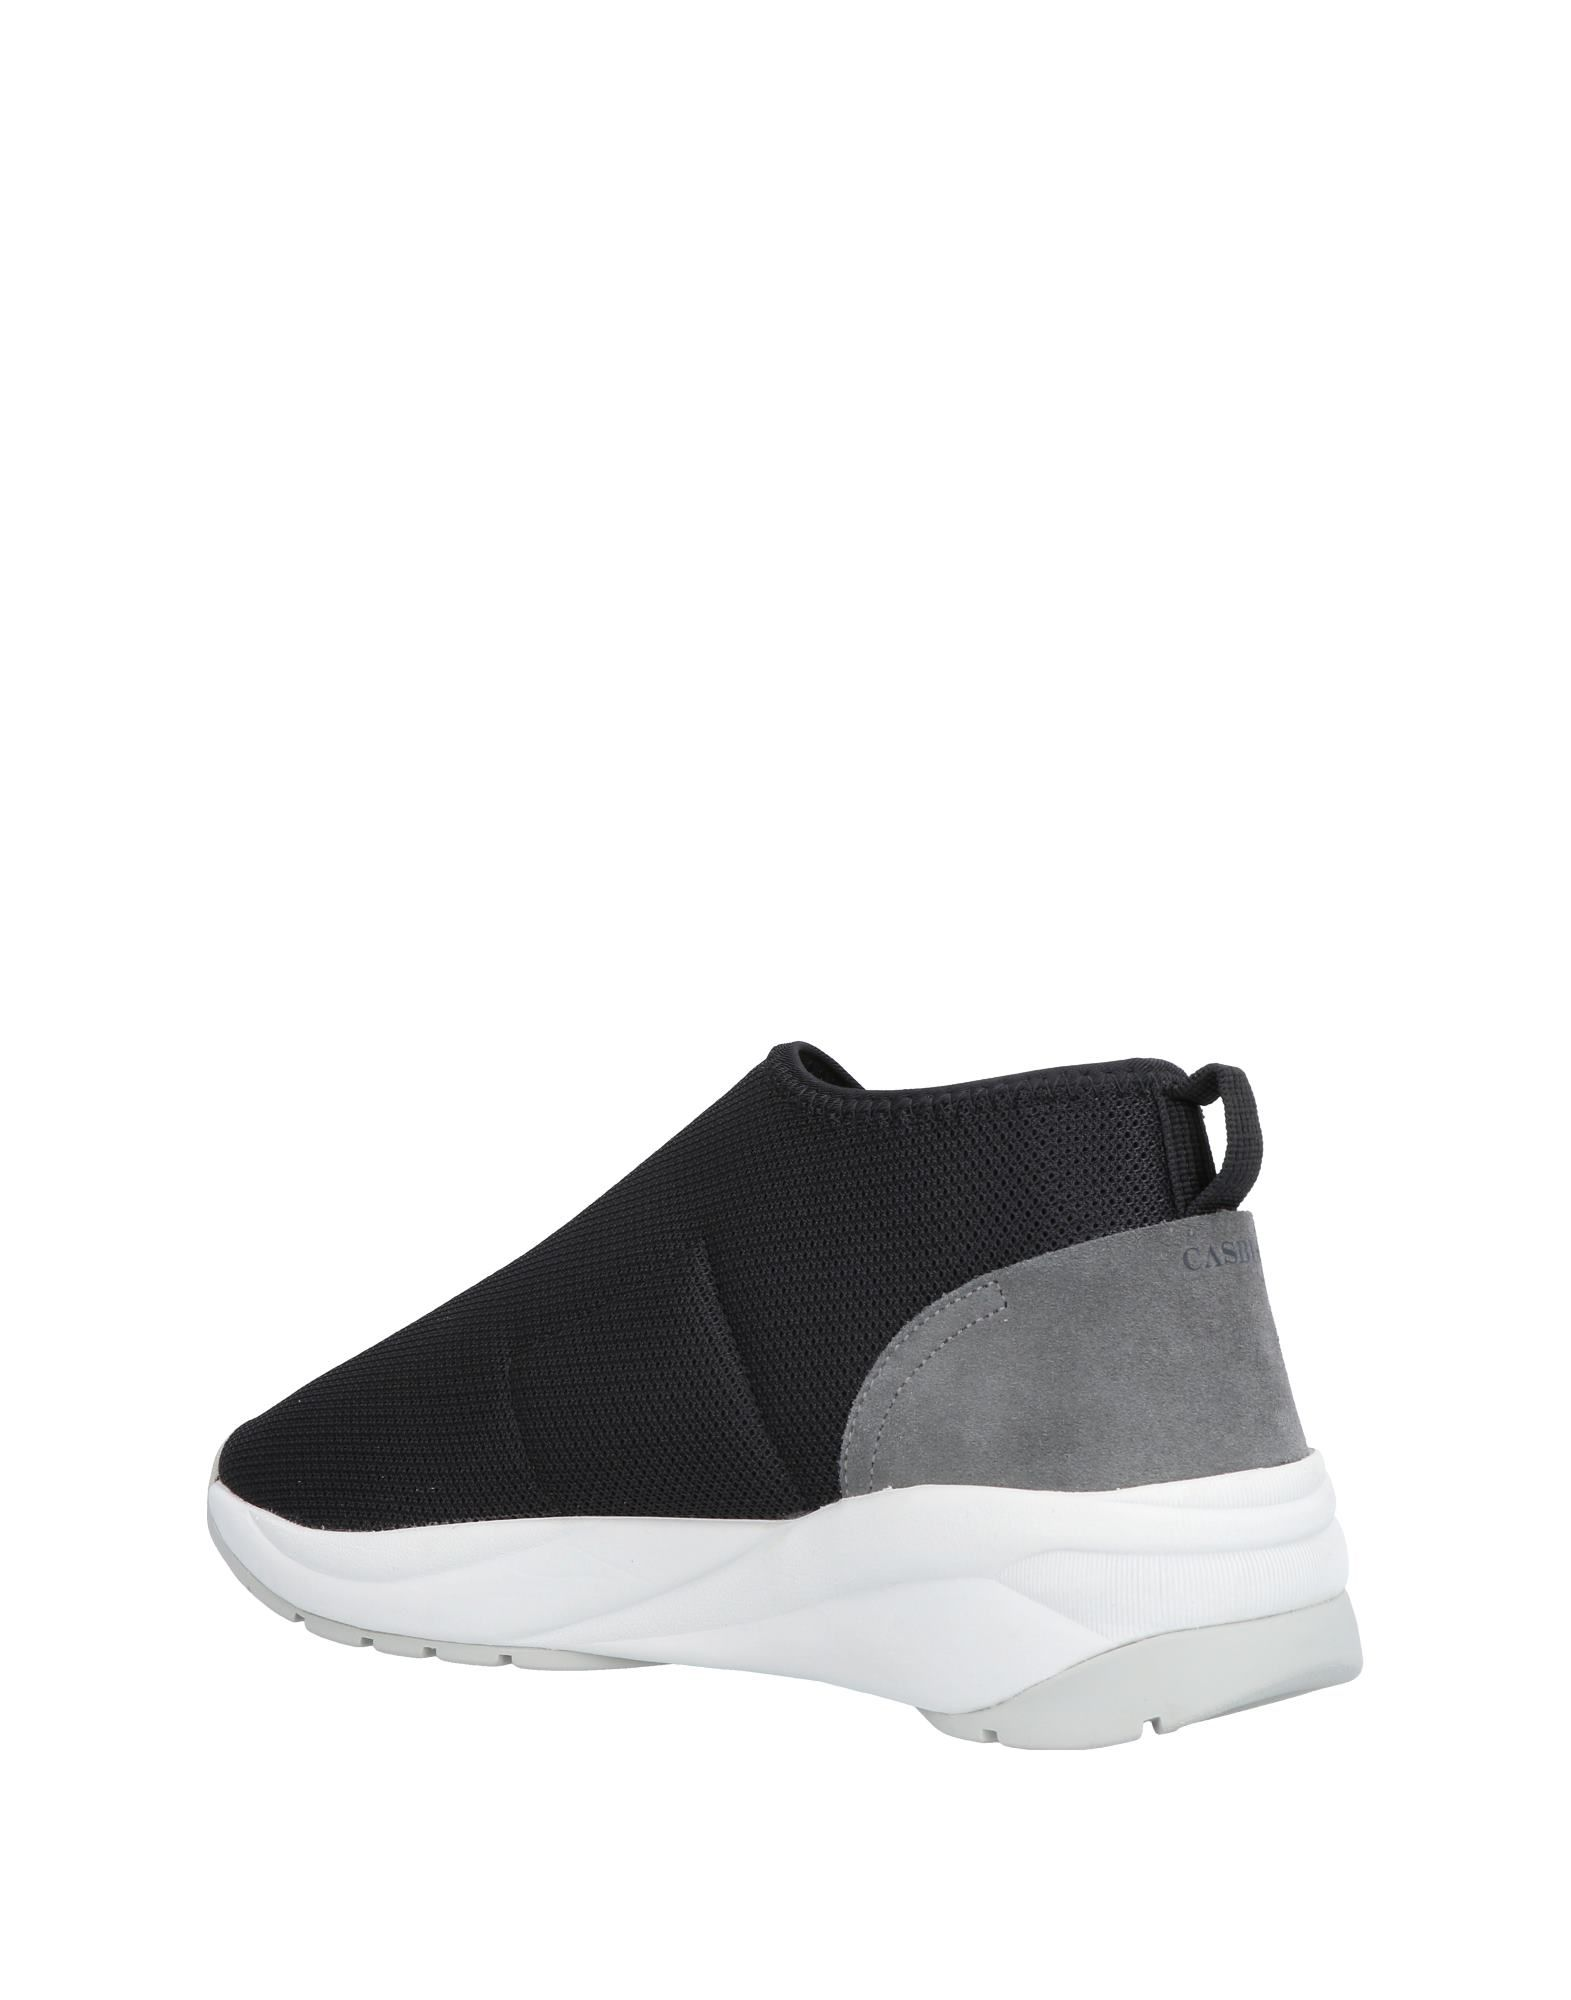 Rabatt echte Schuhe Casbia Sneakers 11486167VR Herren  11486167VR Sneakers 5467bf